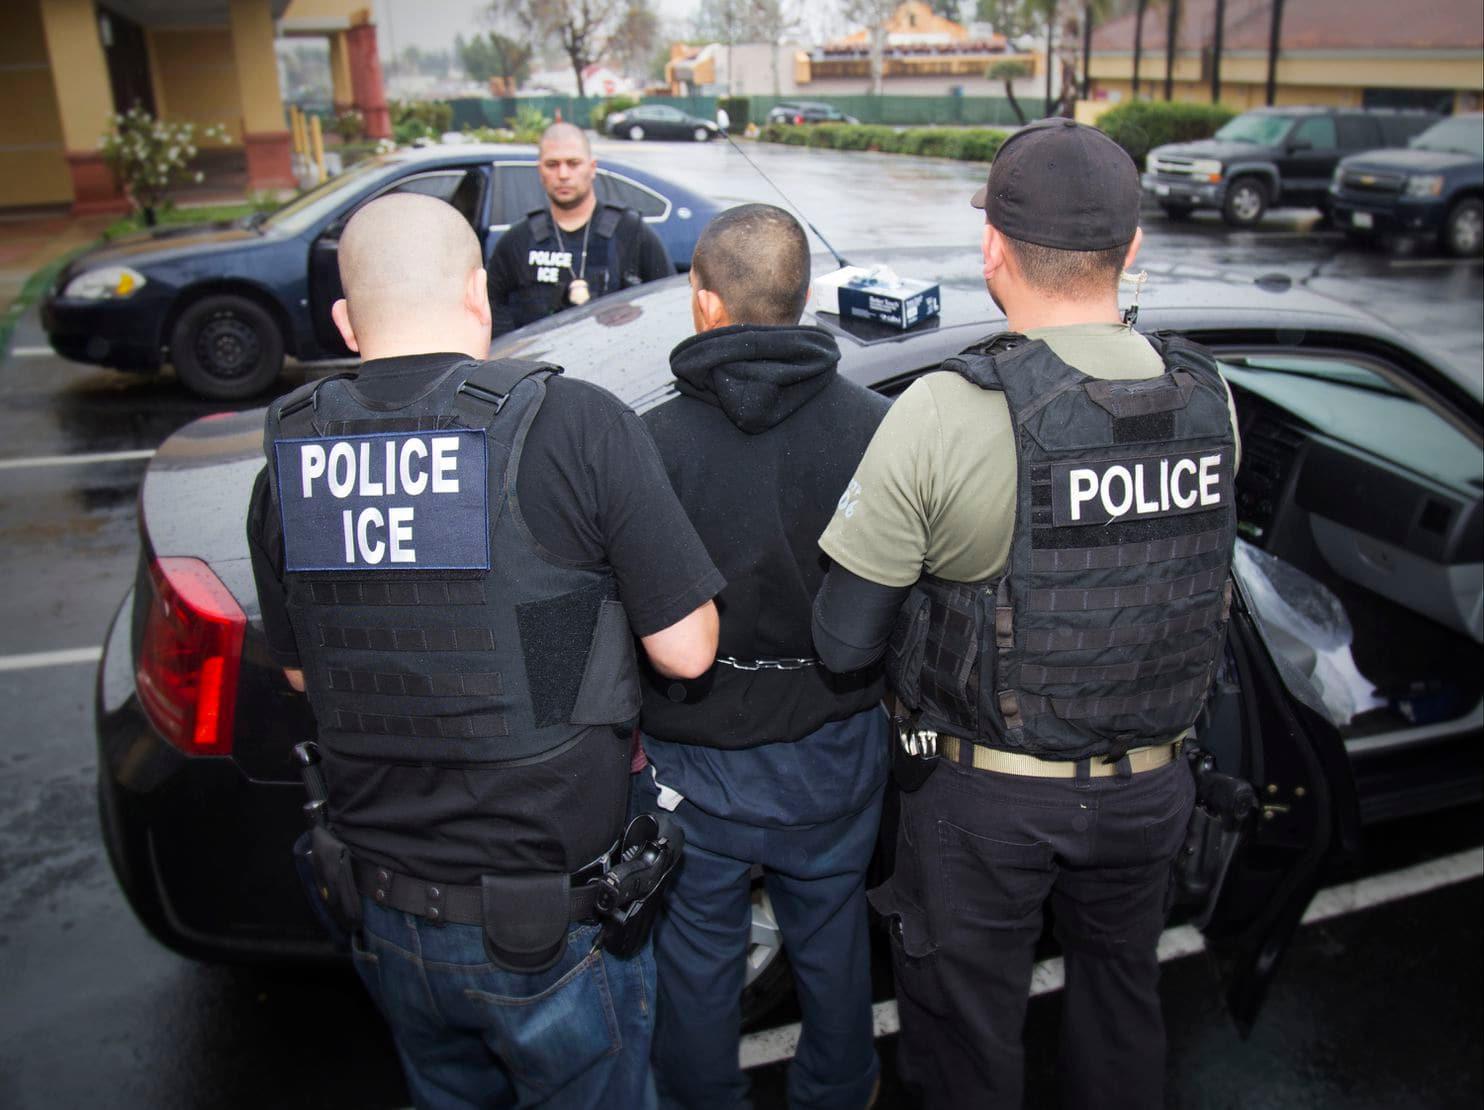 В США неизвестные стреляют по офисам иммиграционной службы